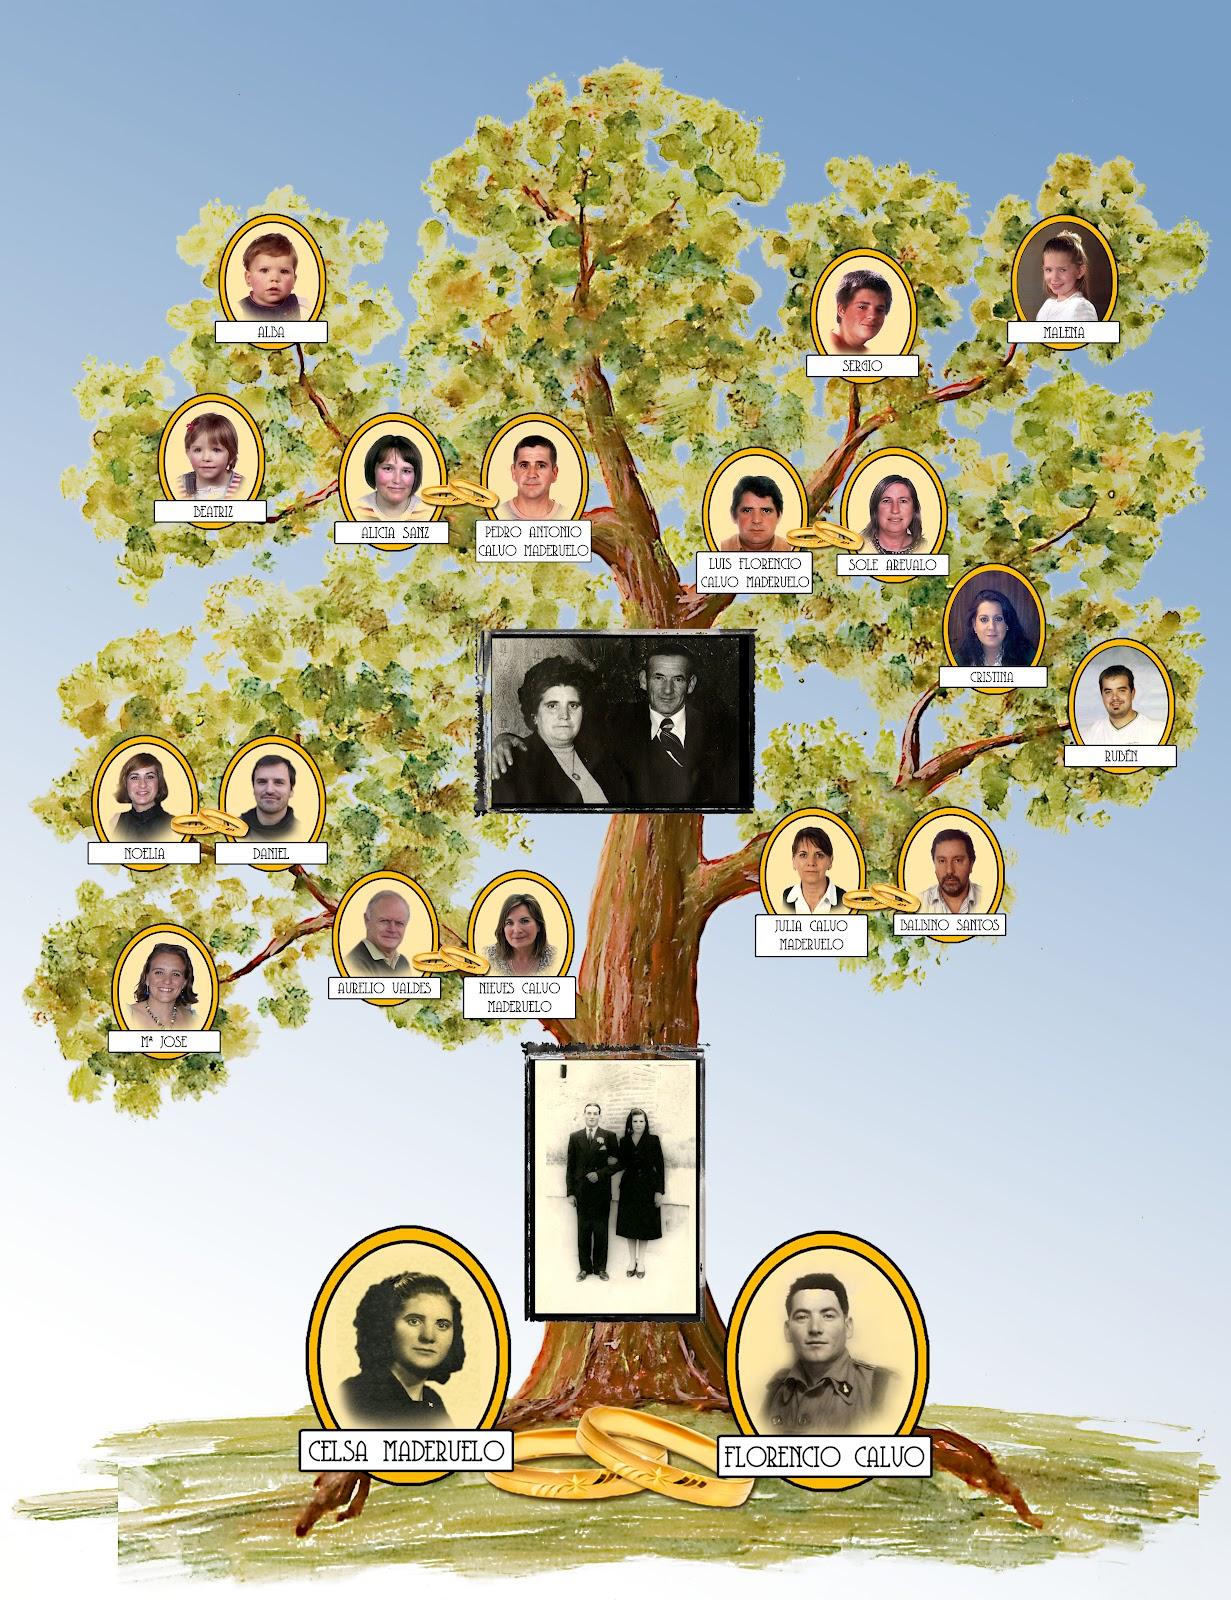 Dise o y edici n el llargu arbol genealogicos - Diseno arbol genealogico ...